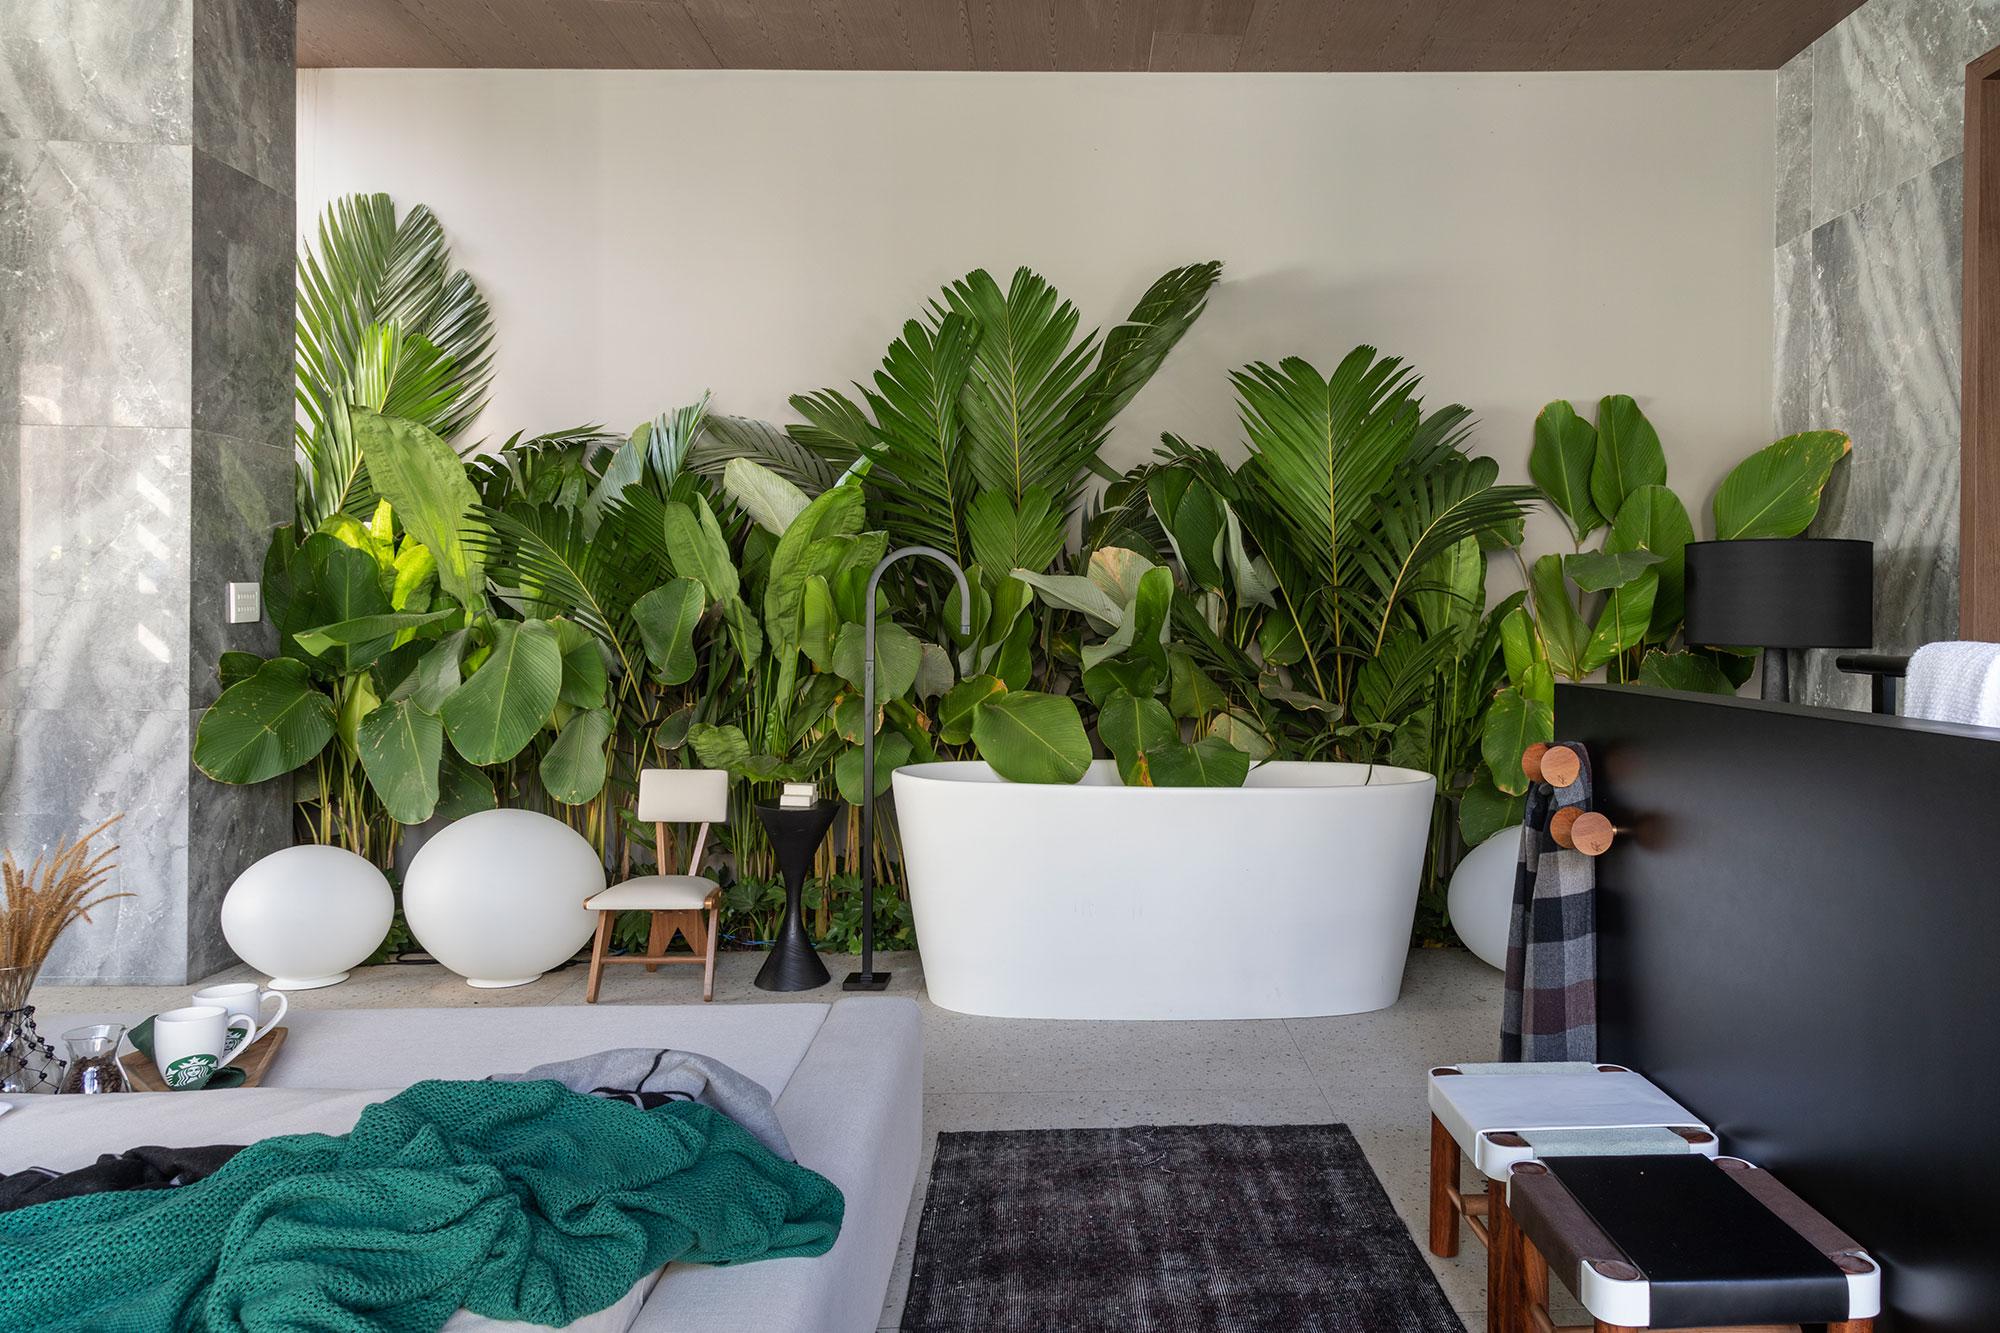 casa grao tres arquitetura shower plants casacor